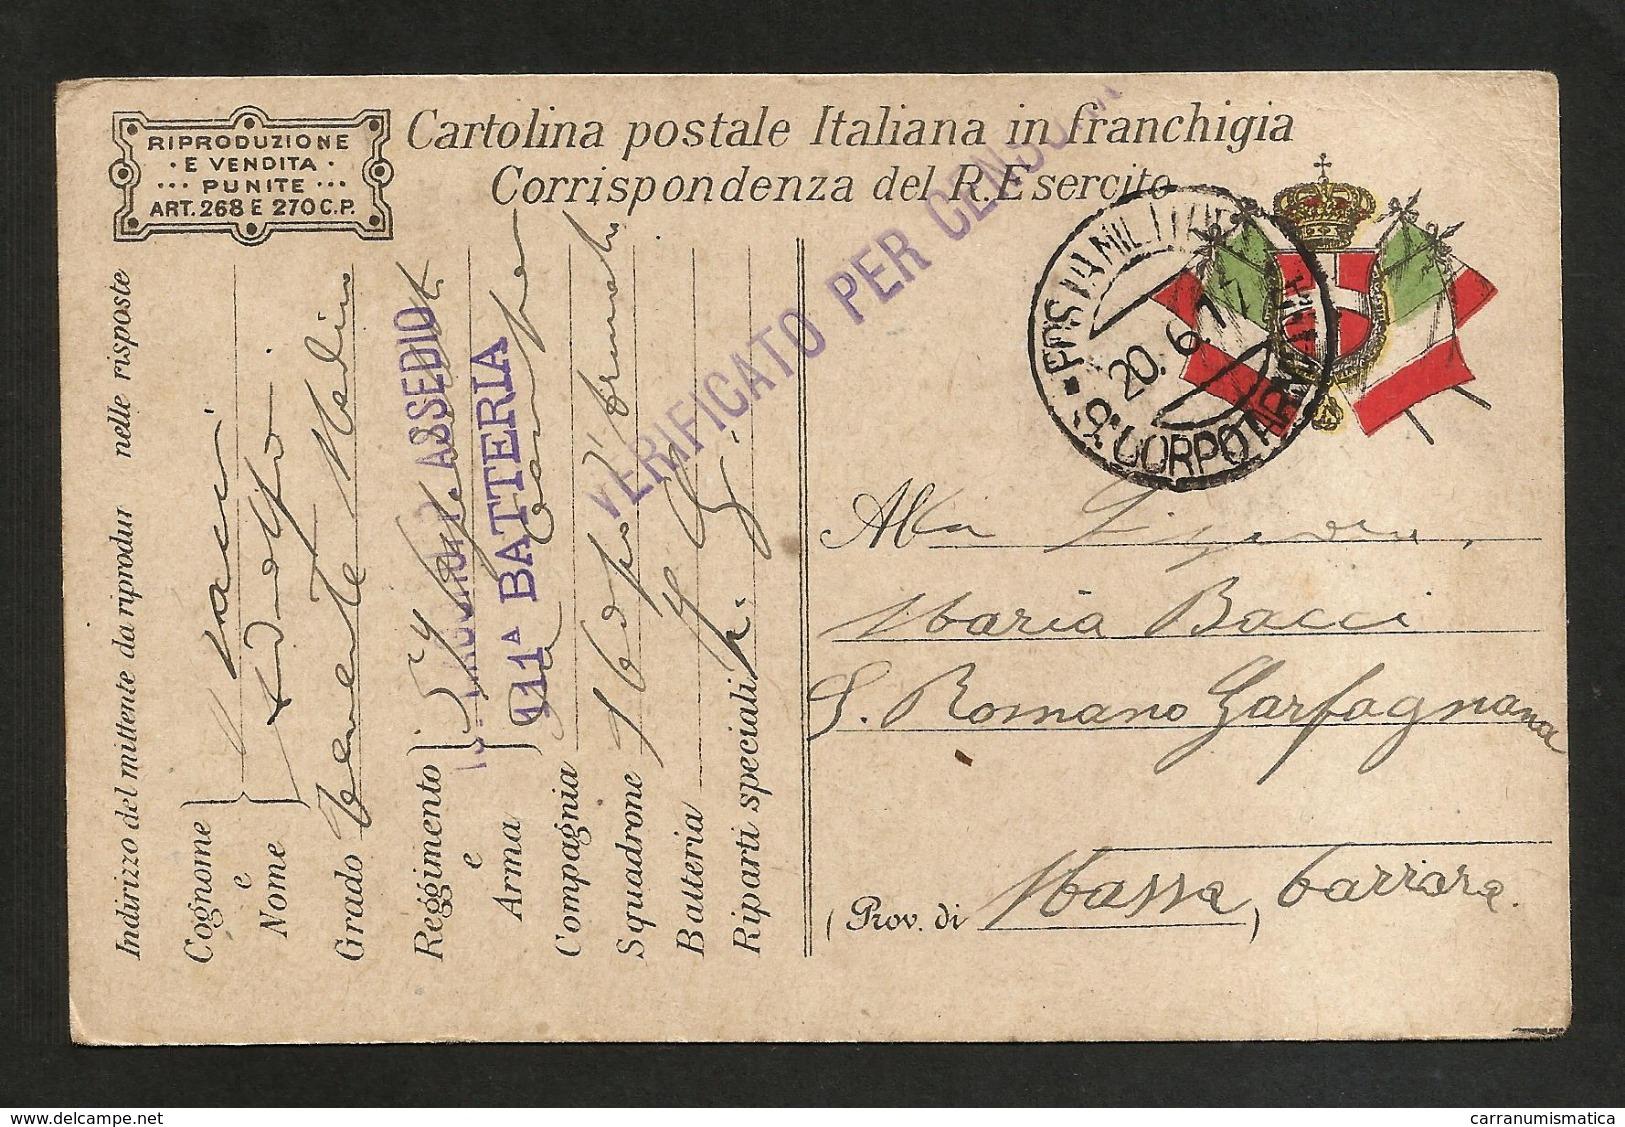 CARTOLINA POSTALE - POSTA MILITARE 9° Corpo D' Armata - (Corrispondenza Regio Esercito) 1917 - Guerra 1914-18